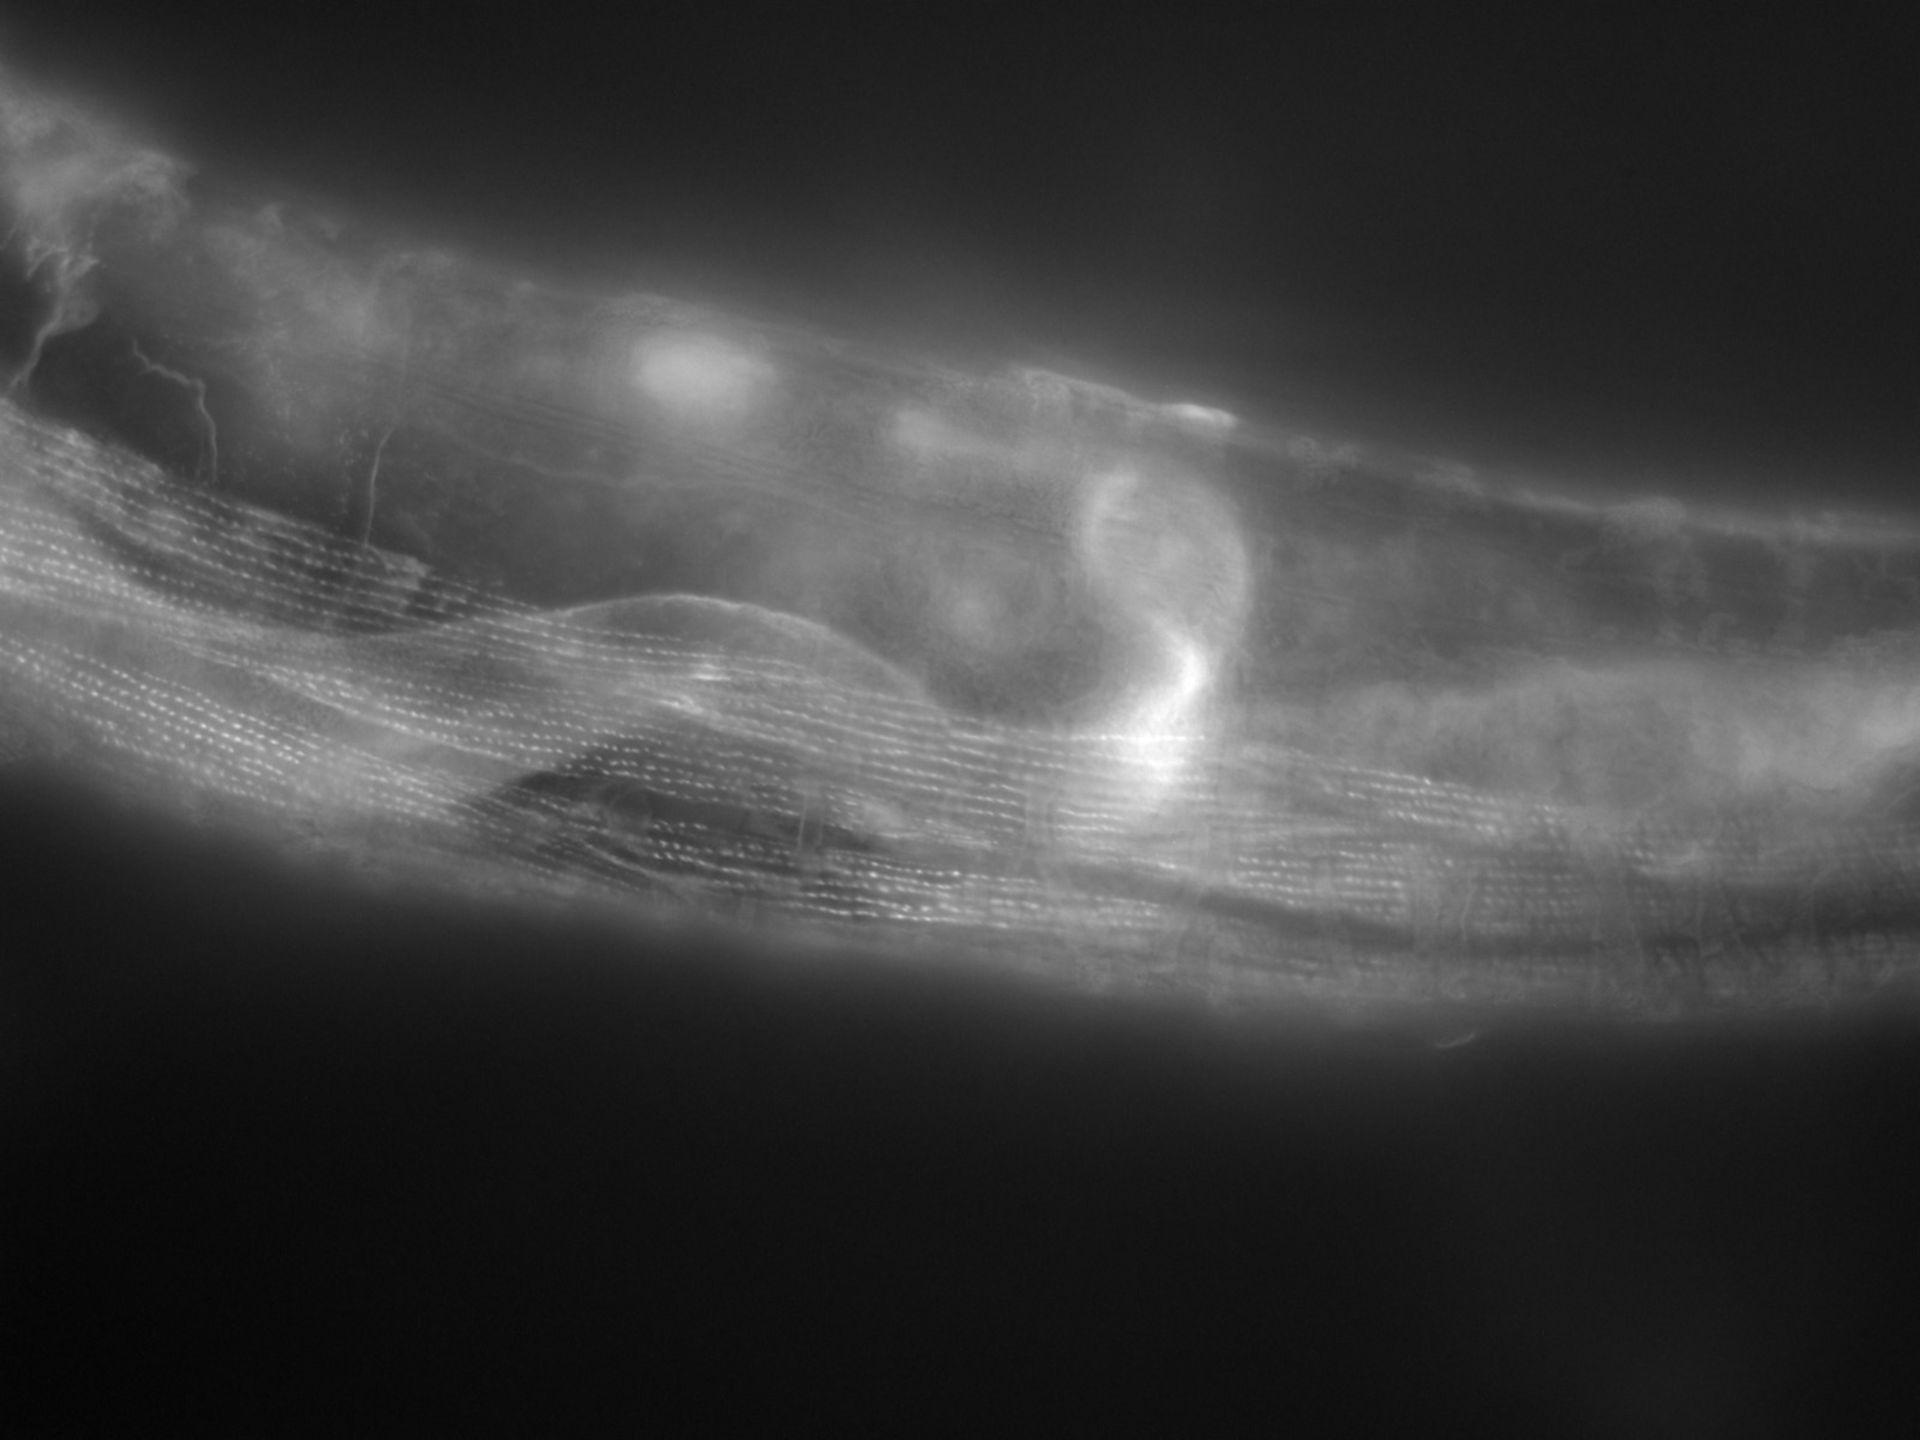 Caenorhabditis elegans (filamento di actina) - CIL:1146